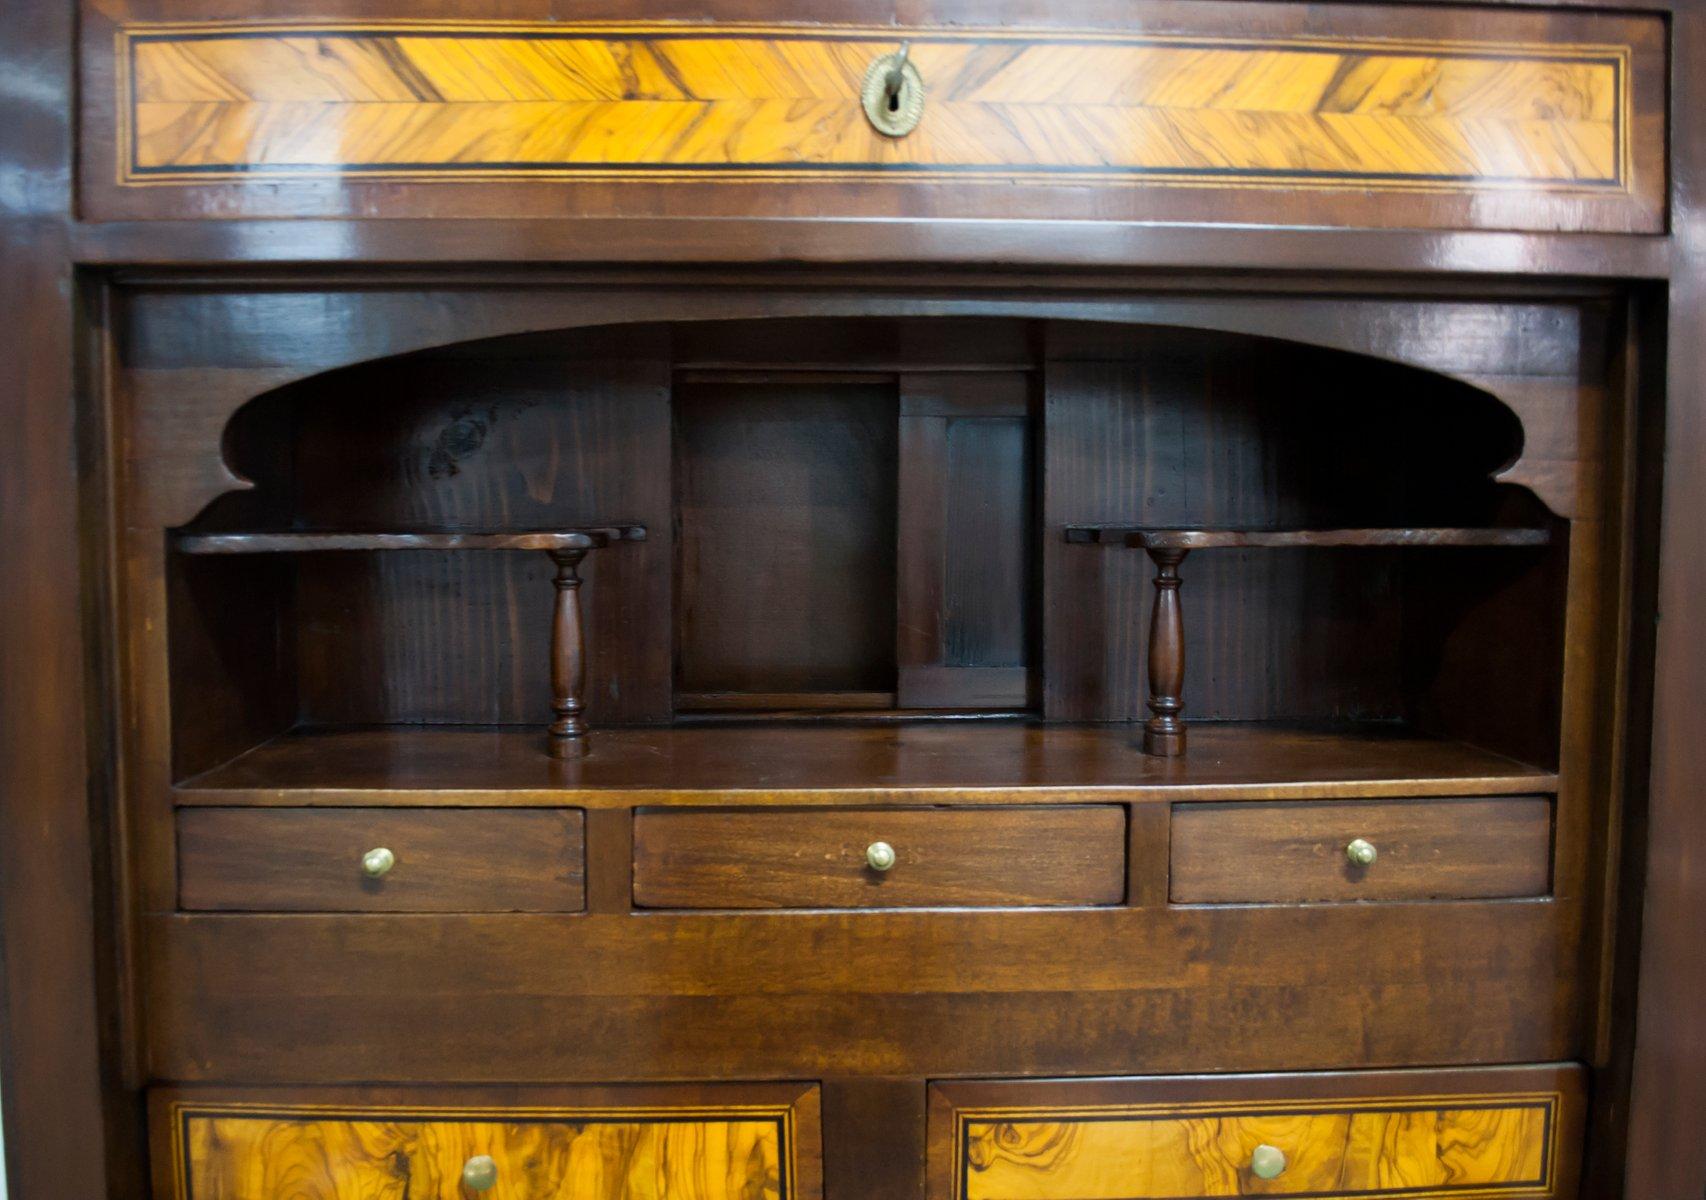 Mobili Legno Riciclato Verona : Mobili con legno di ulivo tavolo design moderno con struttura in